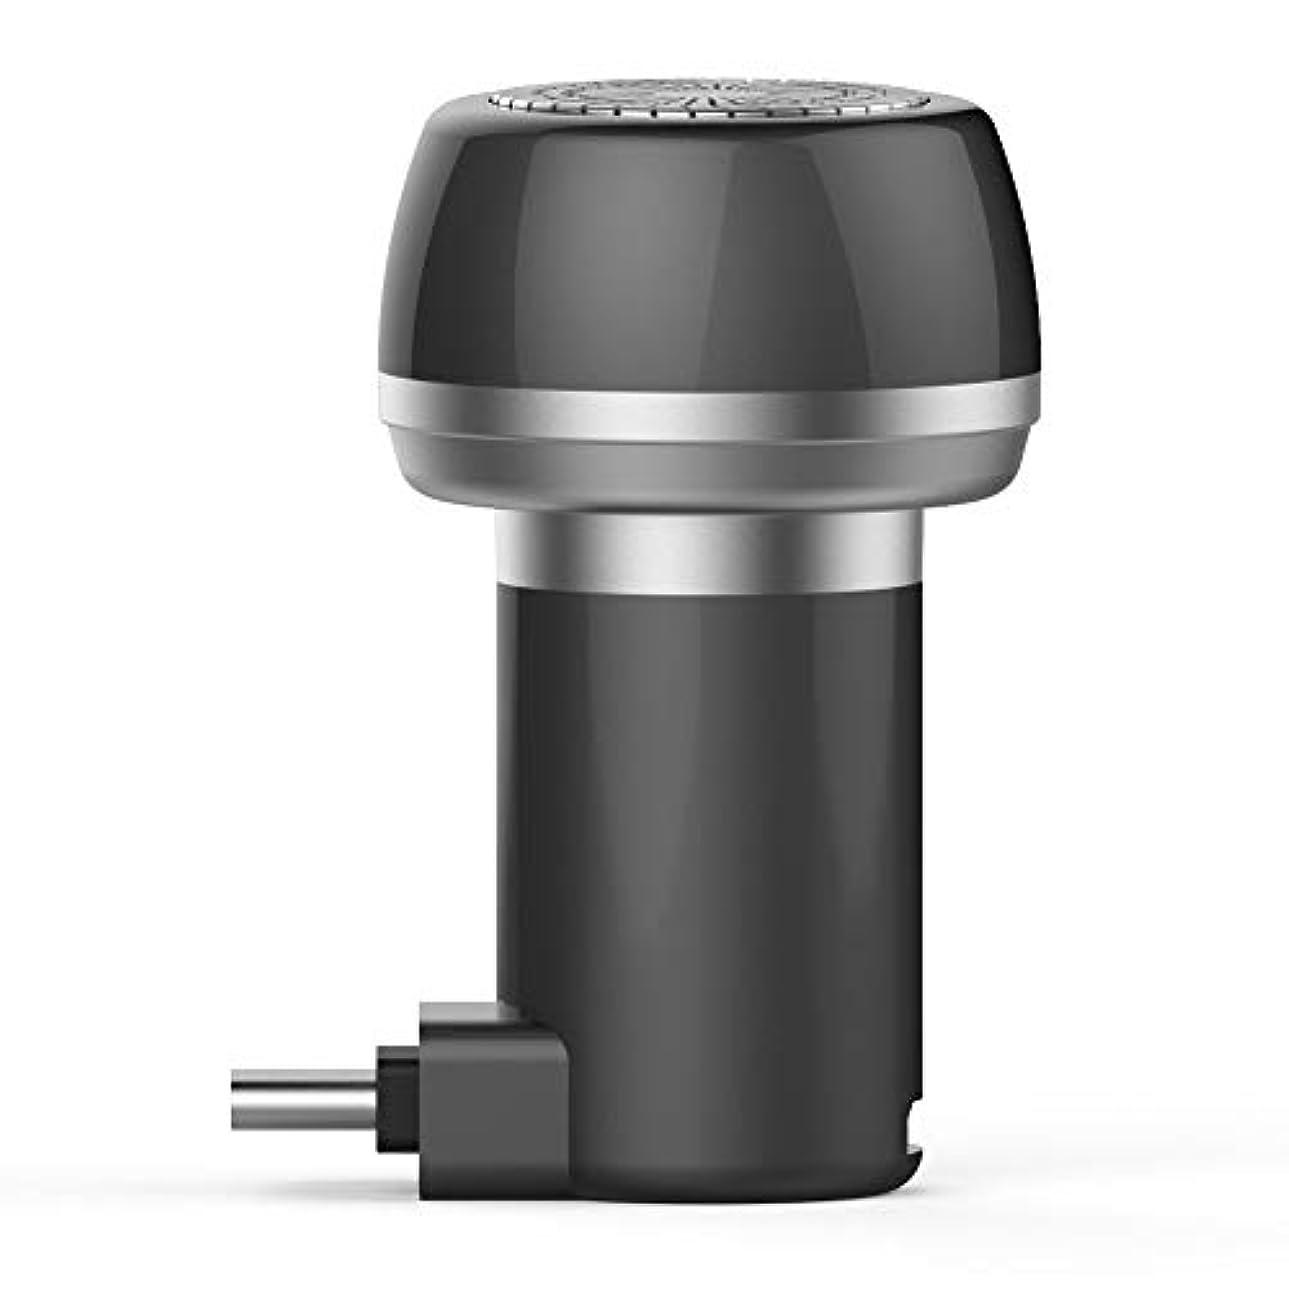 落ちた呪われたコーヒーFuntoget 2 1磁気電気シェーバーミニポータブルType-C USB防水剃刀